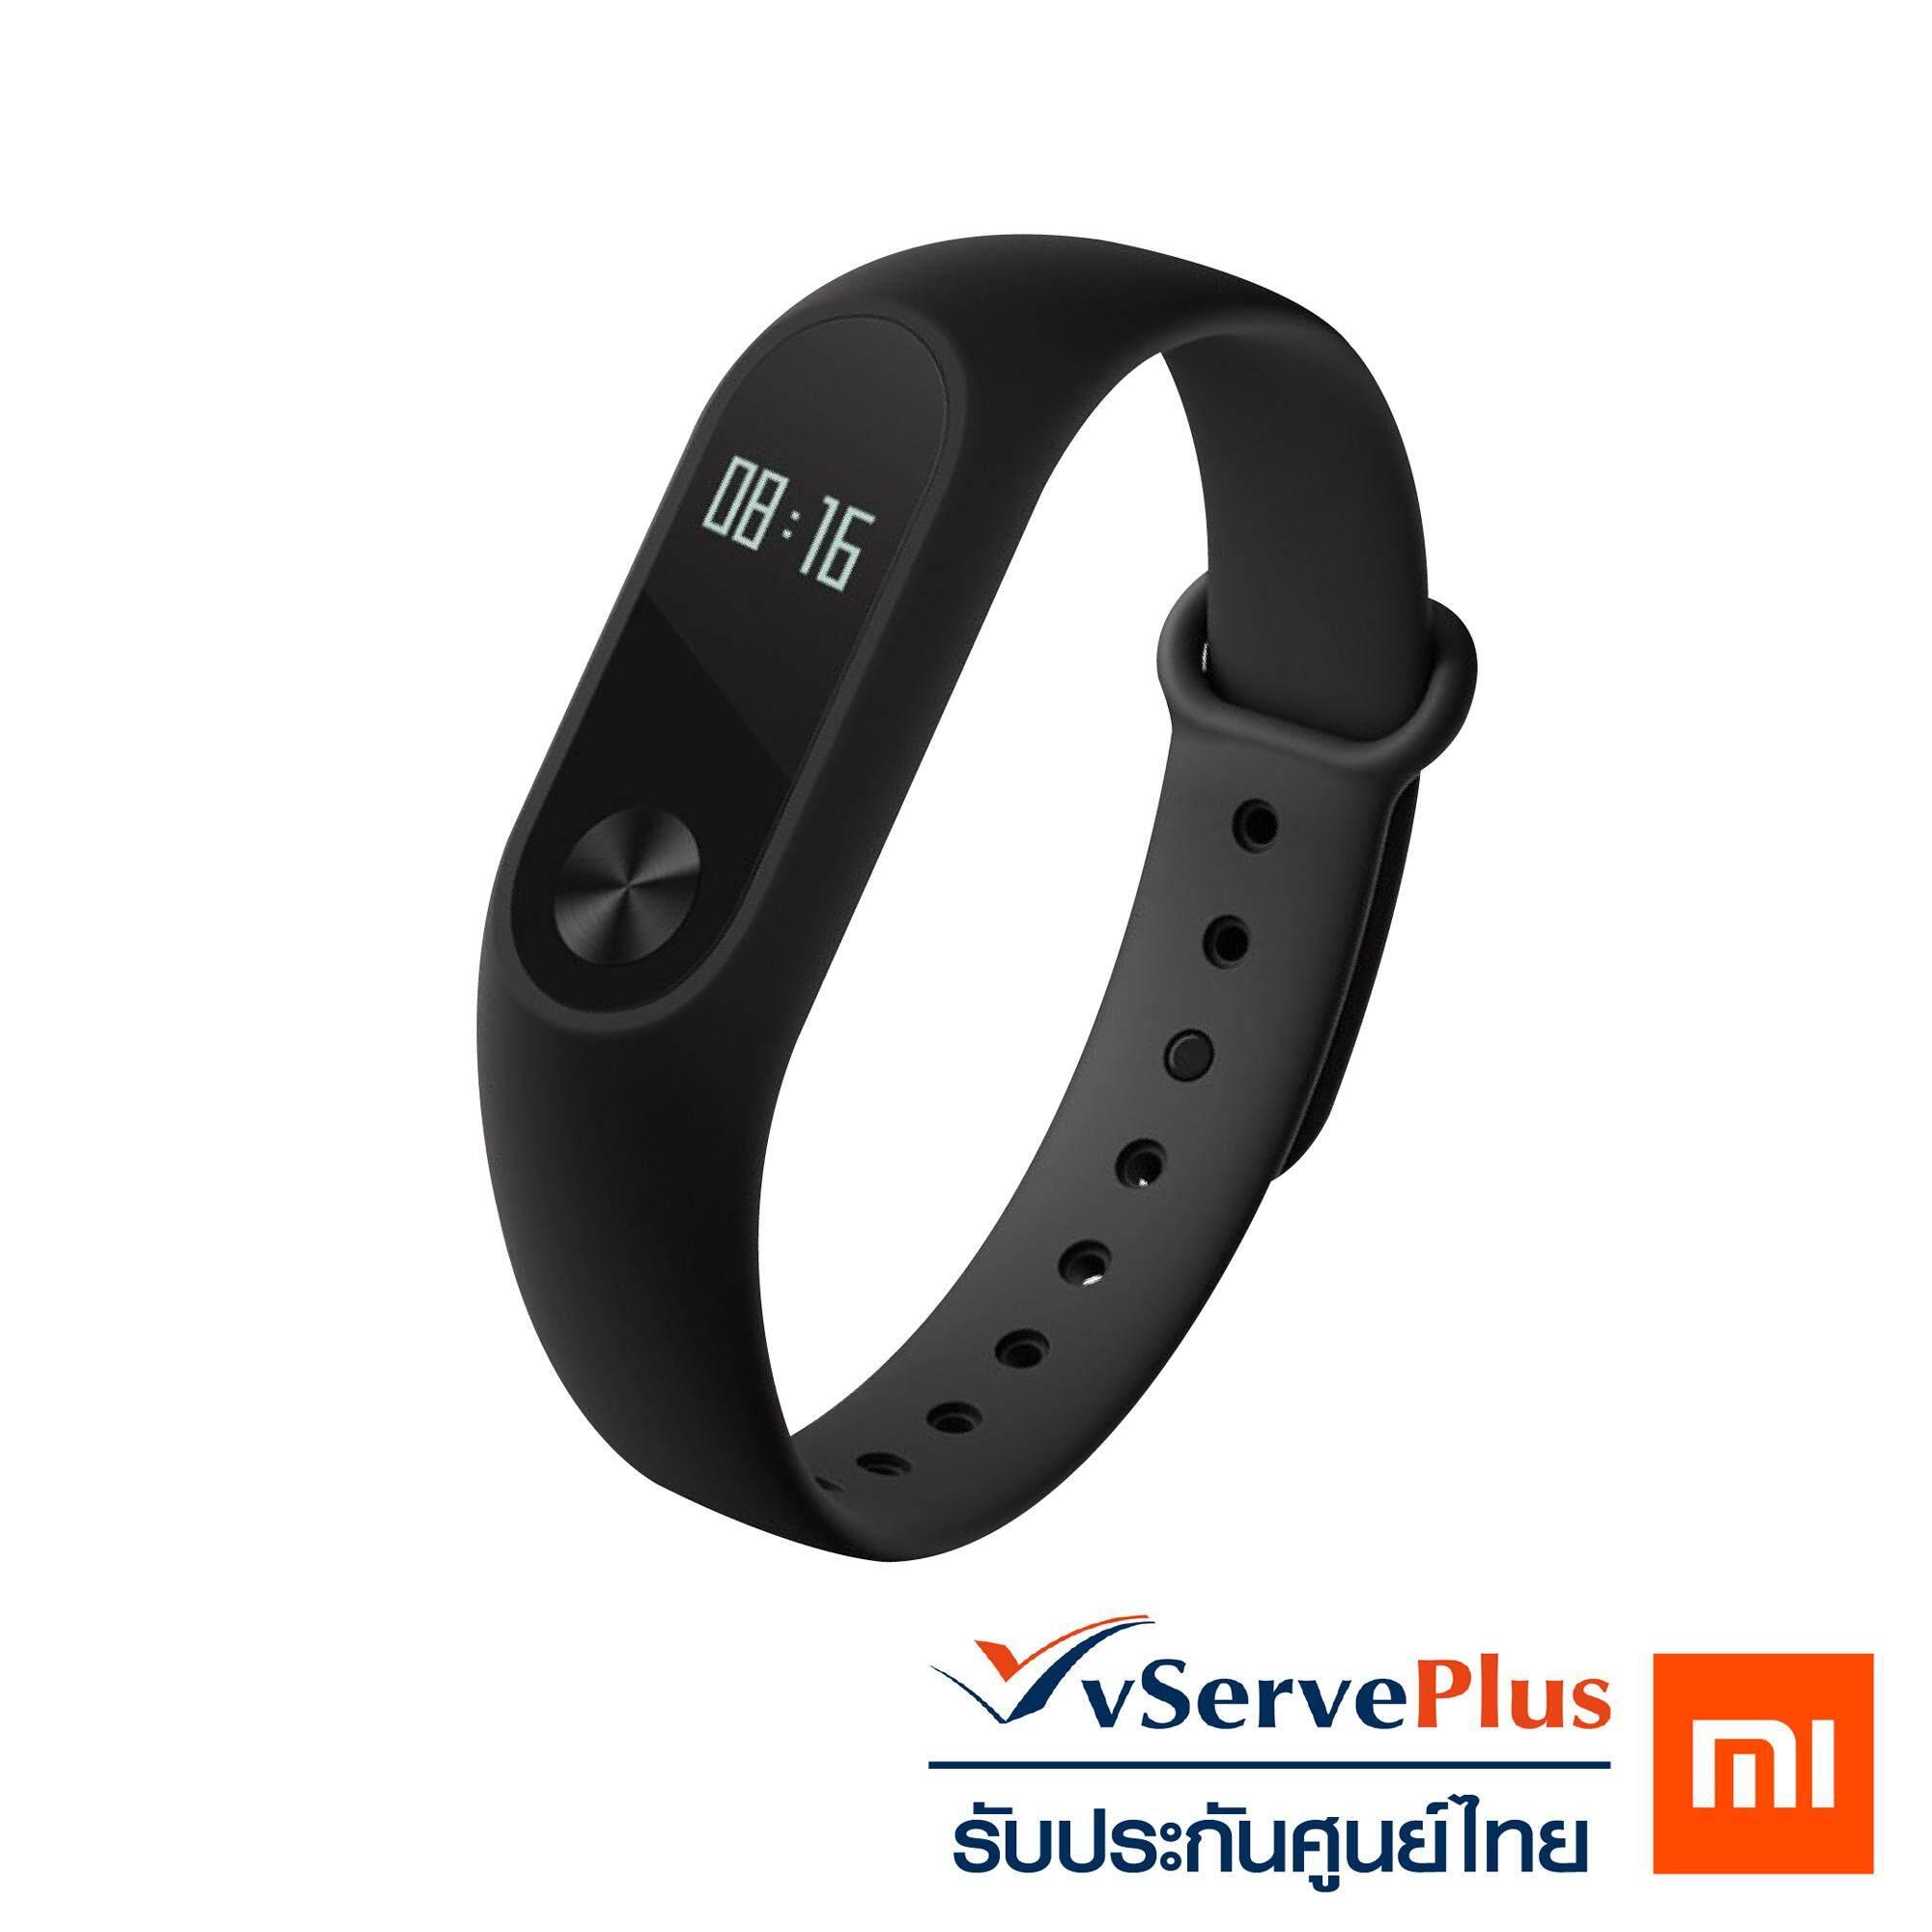 [[ รับประกันศูนย์ไทย 100% ]] Xiaomi Mi Band 2 นาฬิกาสายรัดข้อมืออัจฉริยะ ยอดขายอันดับ 1 วัดสุขภาพ มีเซ็นเซอร์วัดคลื่นหัวใจ